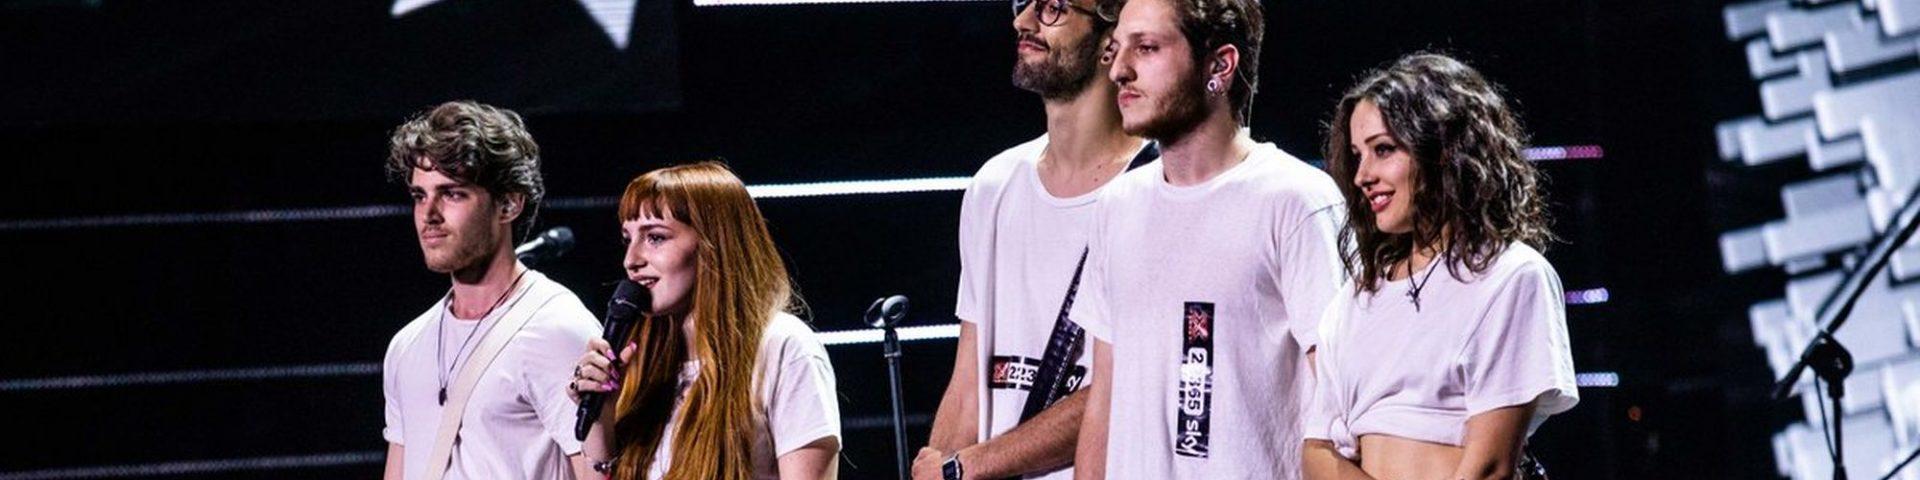 X Factor 12, Seveso Casino Palace eliminati al quarto Live - Riassunto